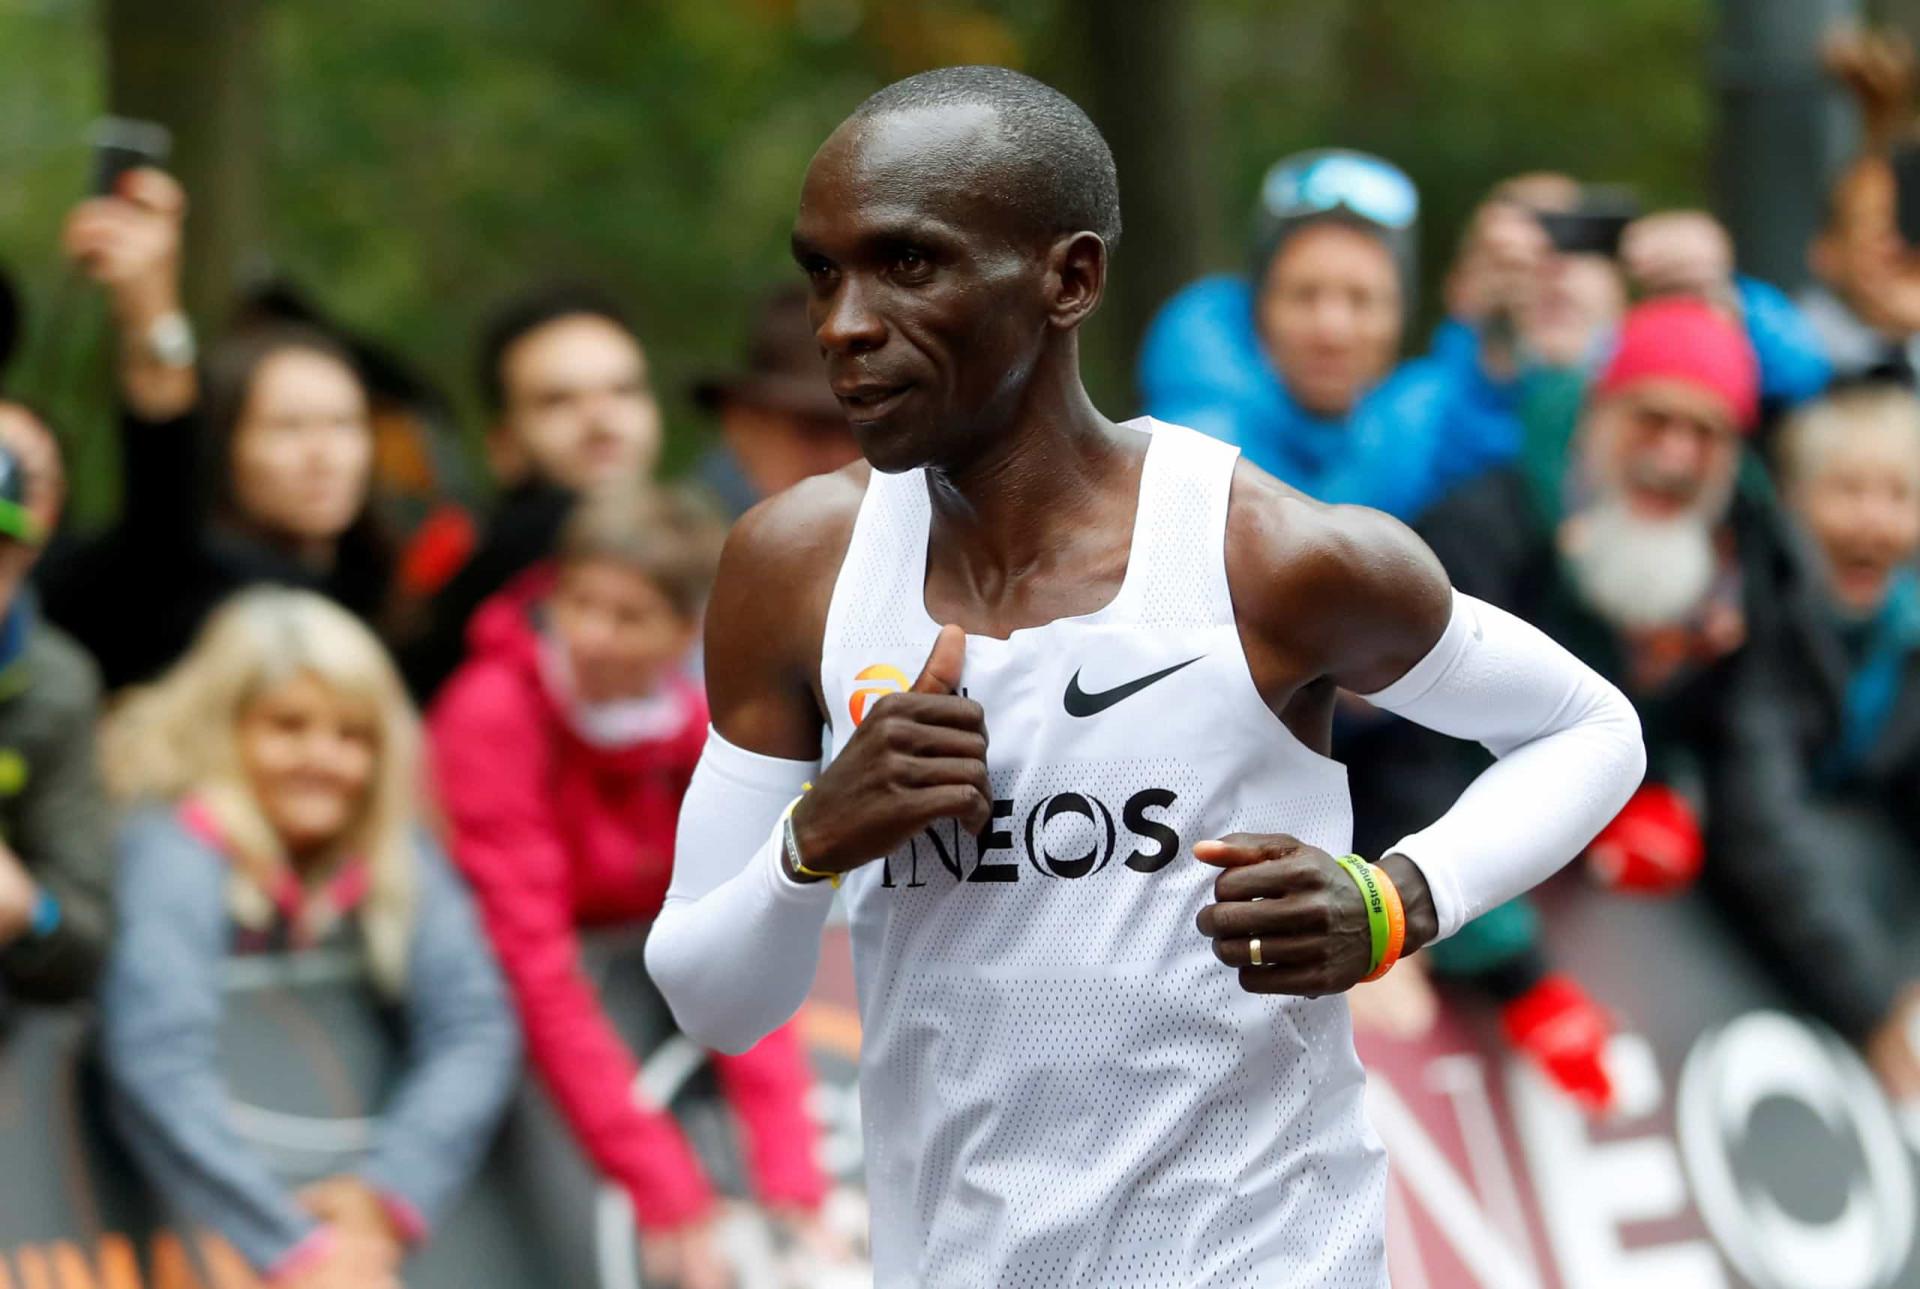 Histórico: Eliud Kipchoge fez o que nunca ninguém conseguiu numa maratona